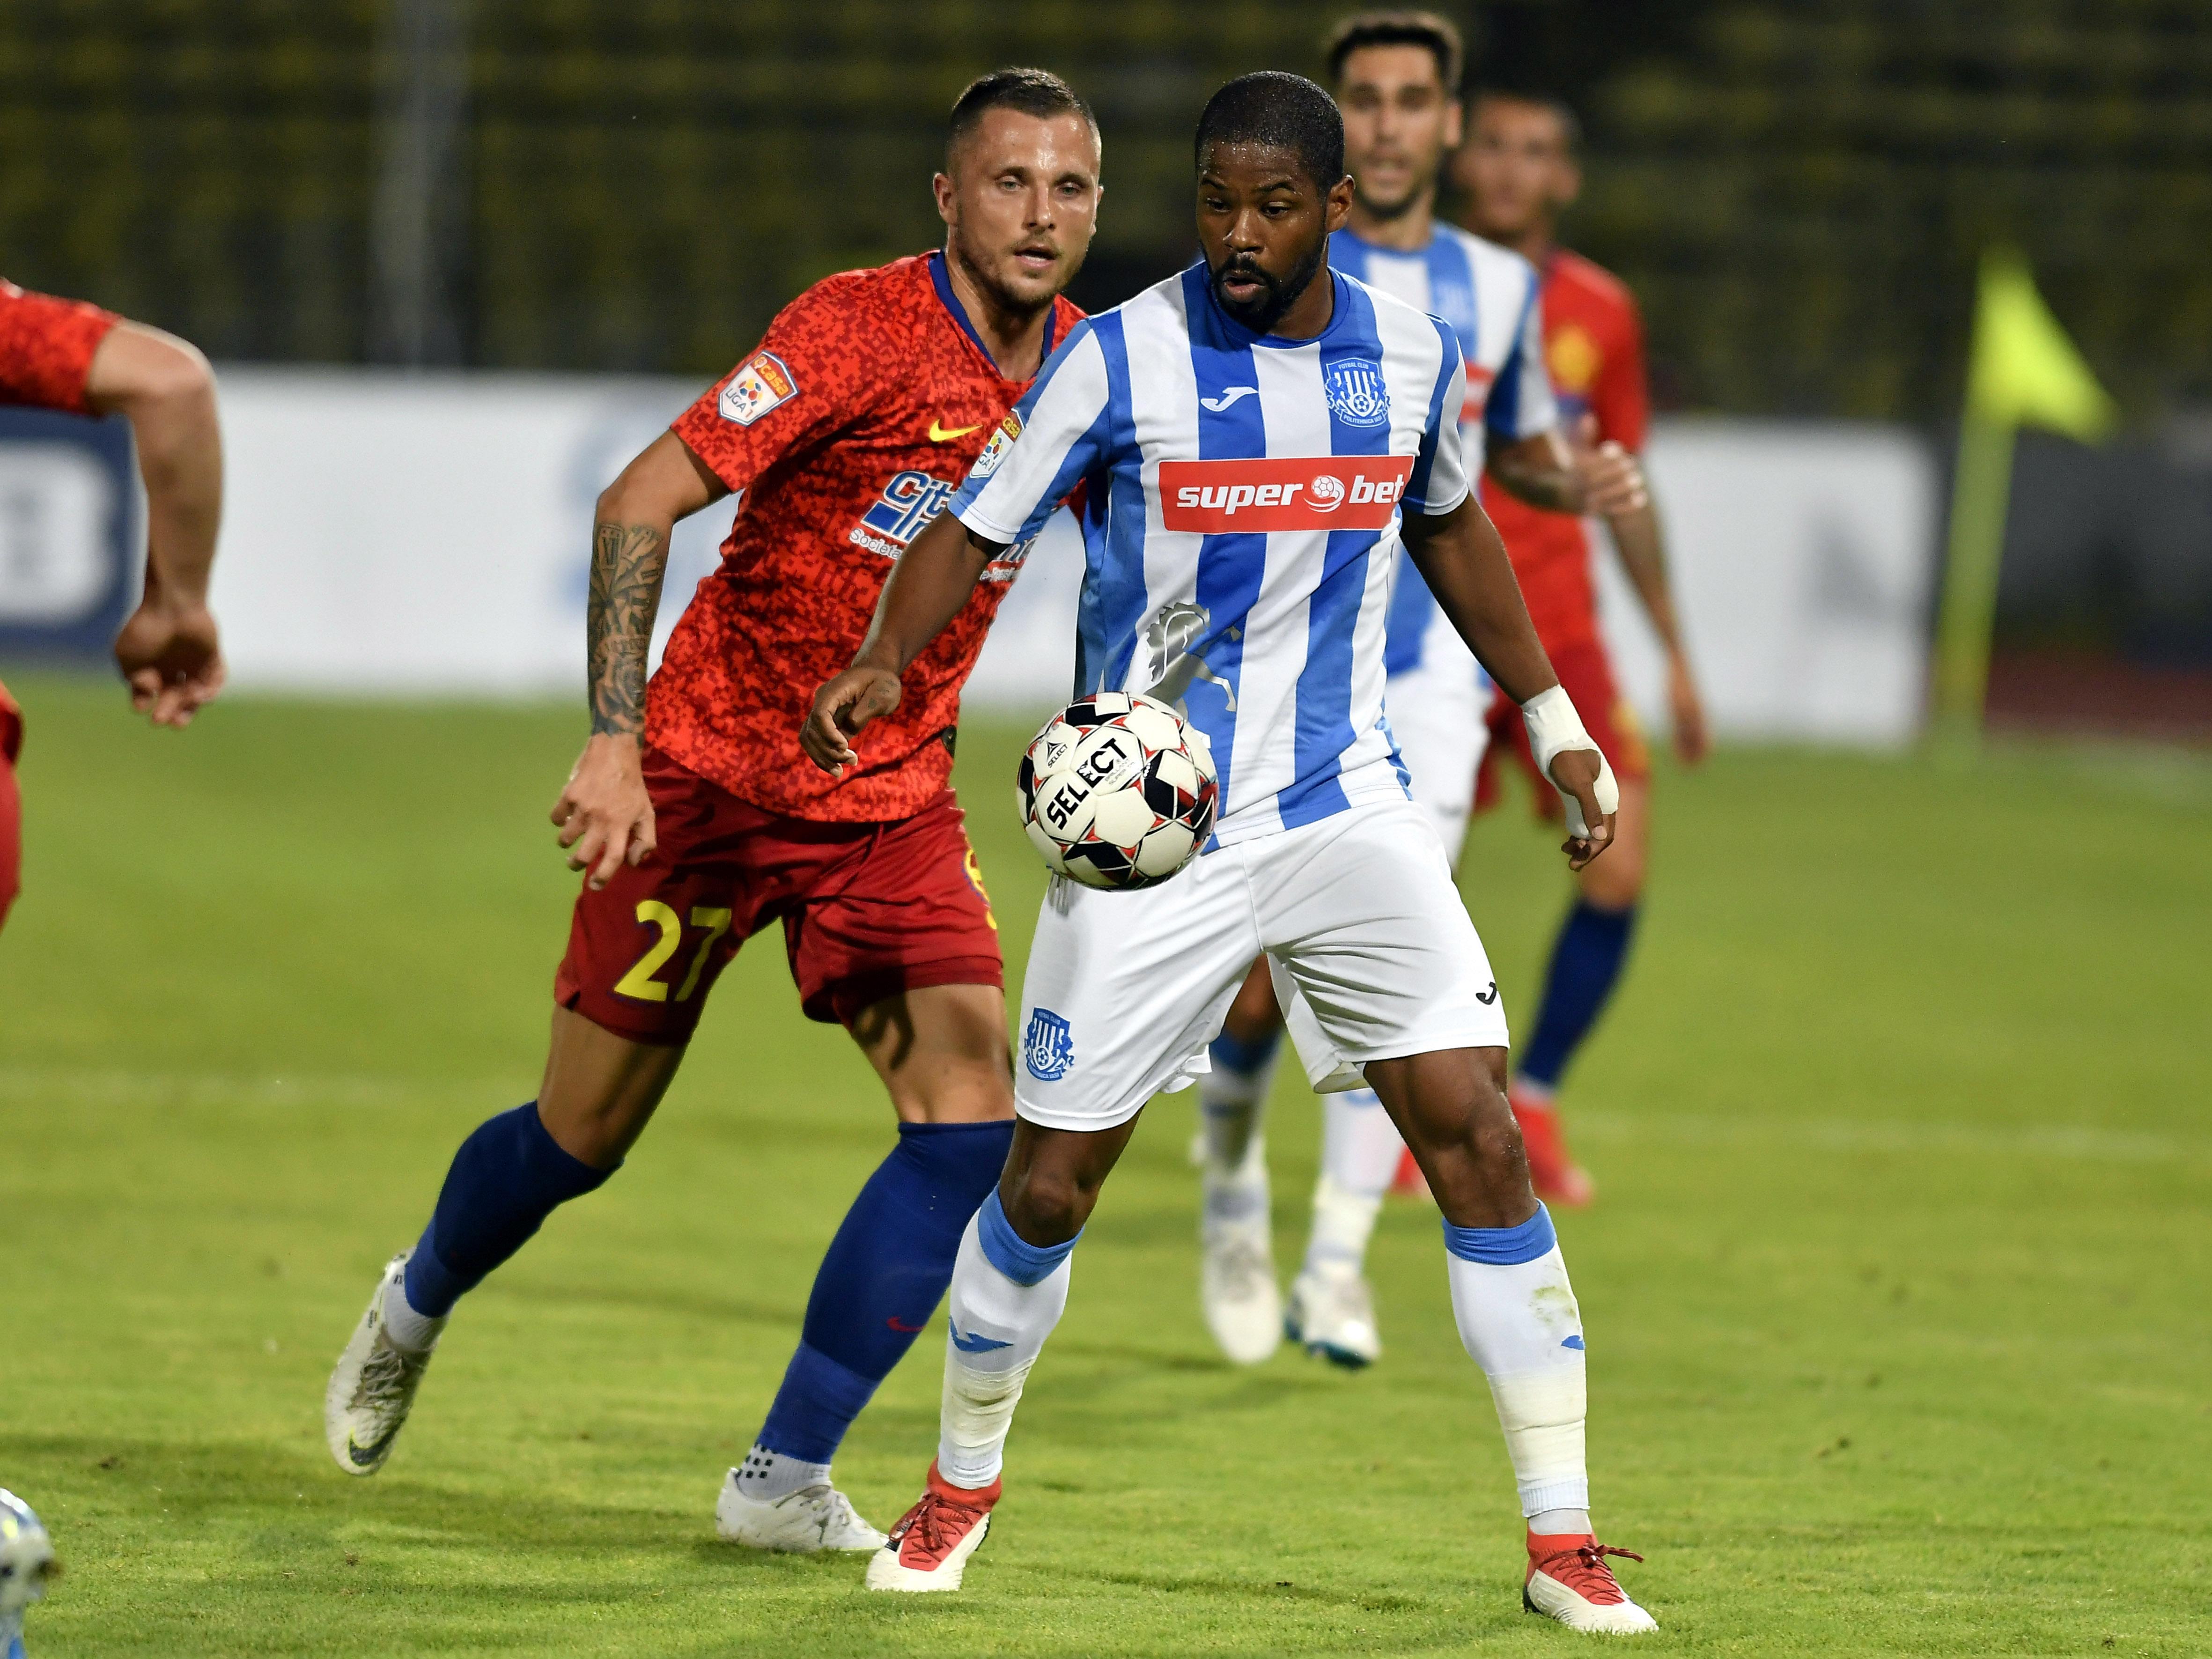 Lukcasz Gikiewicz și Breeveld în meciul Poli Iași - FCSB. Sursă foto: sportpictures.eu